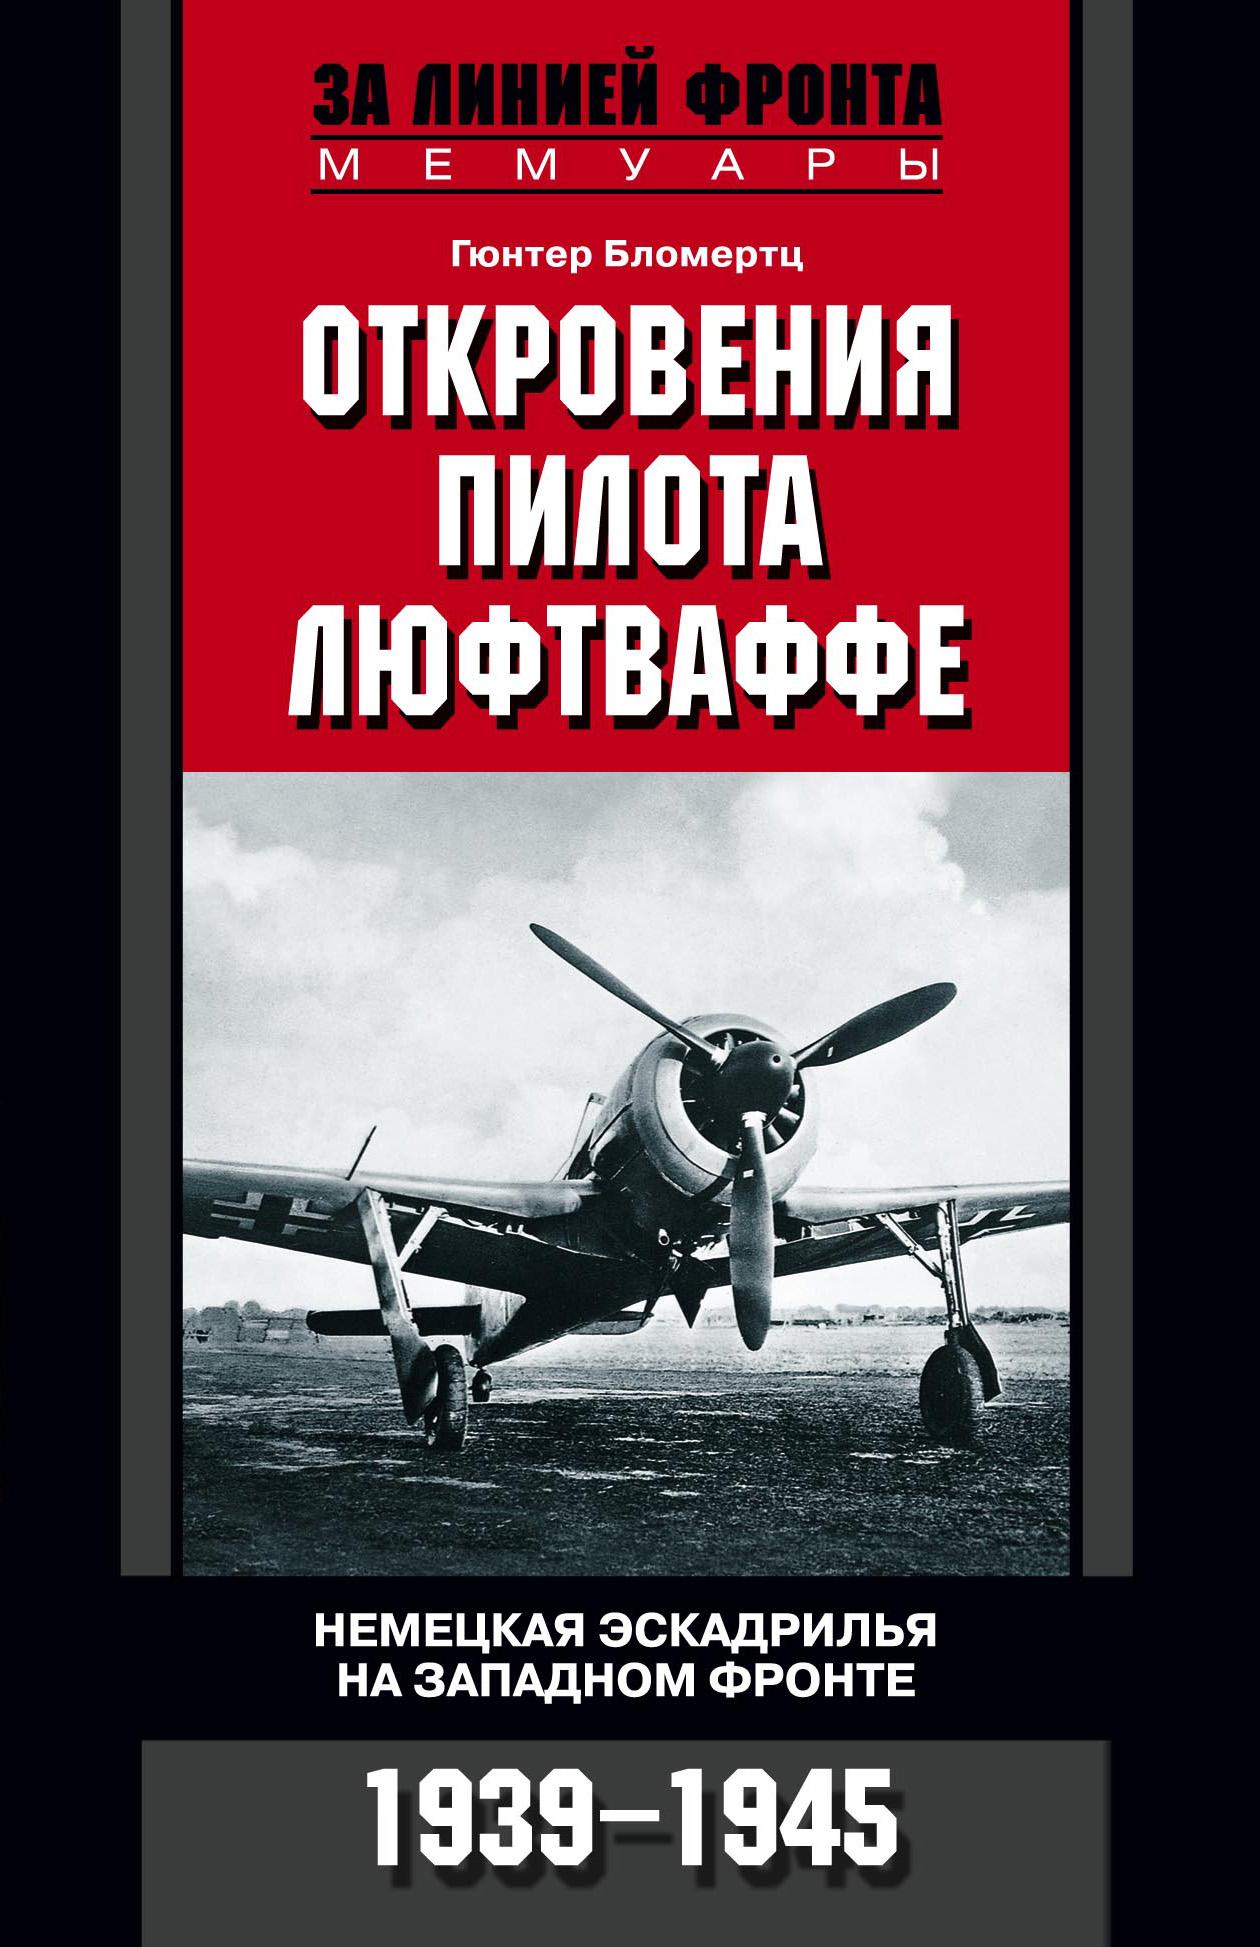 Гюнтер Бломертц Откровения пилота люфтваффе. Немецкая эскадрилья на Западном фронте. 1939-1945 цена